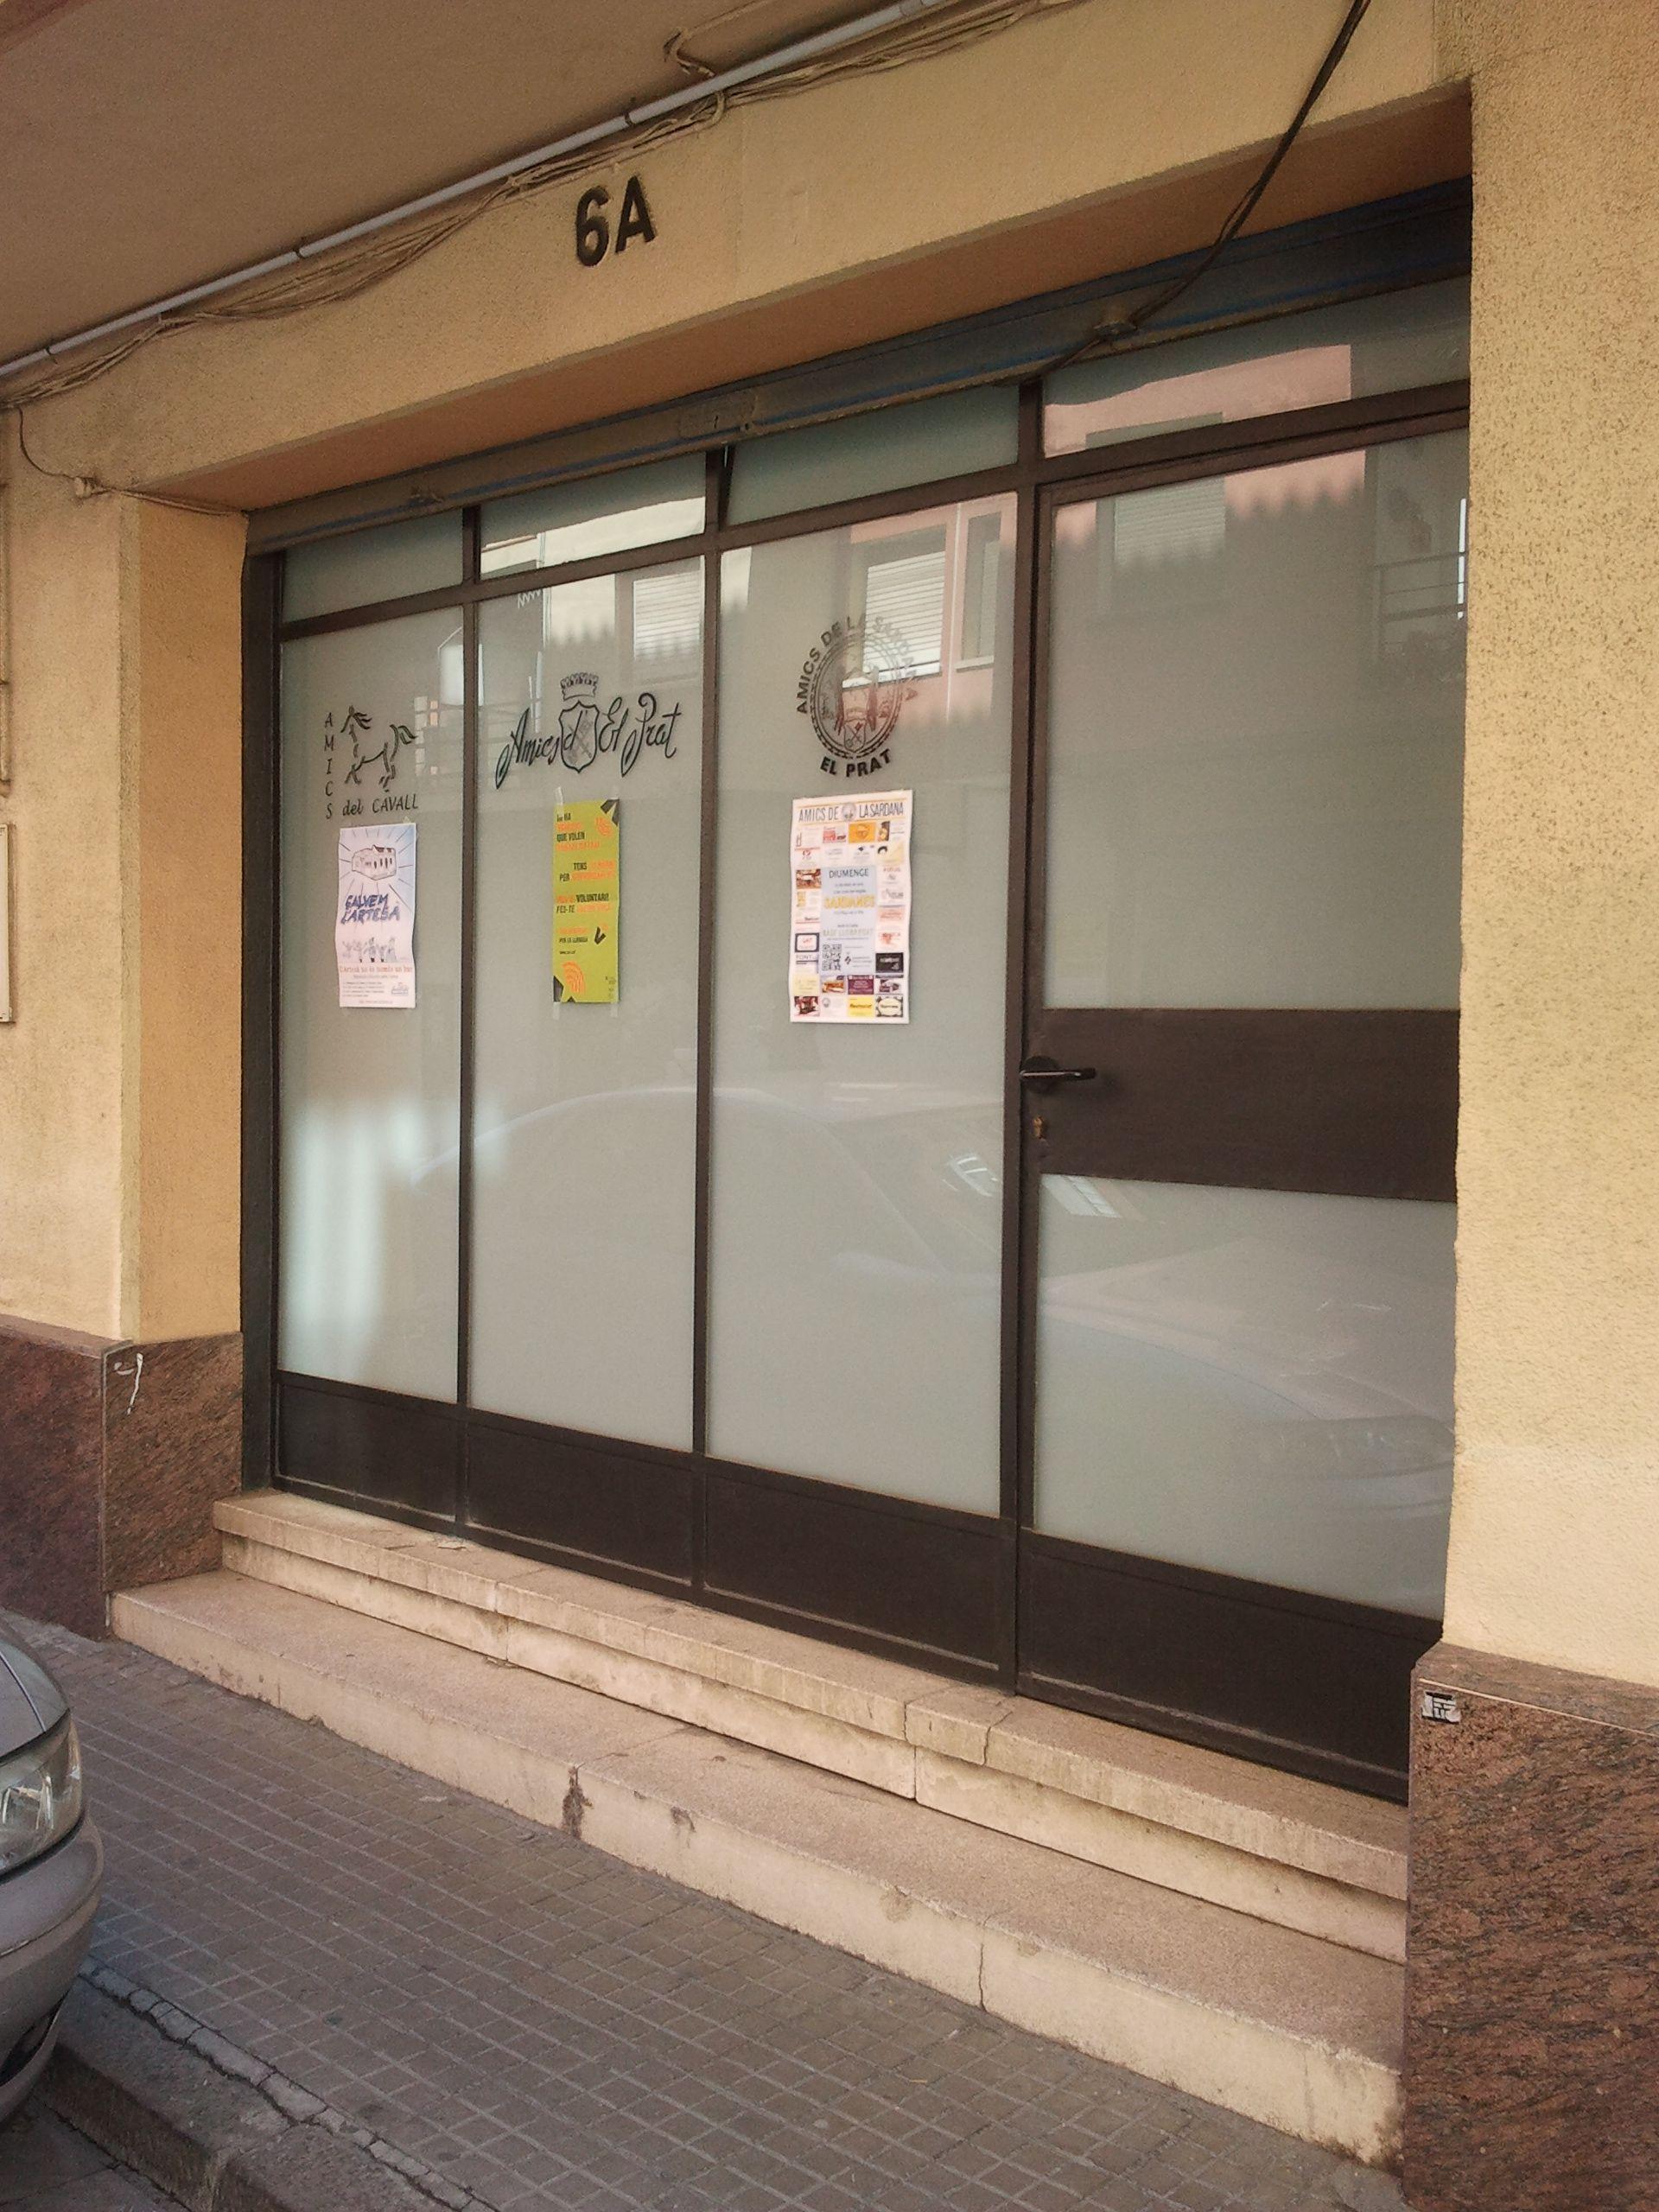 Amics d'El Prat. El Prat de Llobregat. http://www.amicsdelprat.cat/